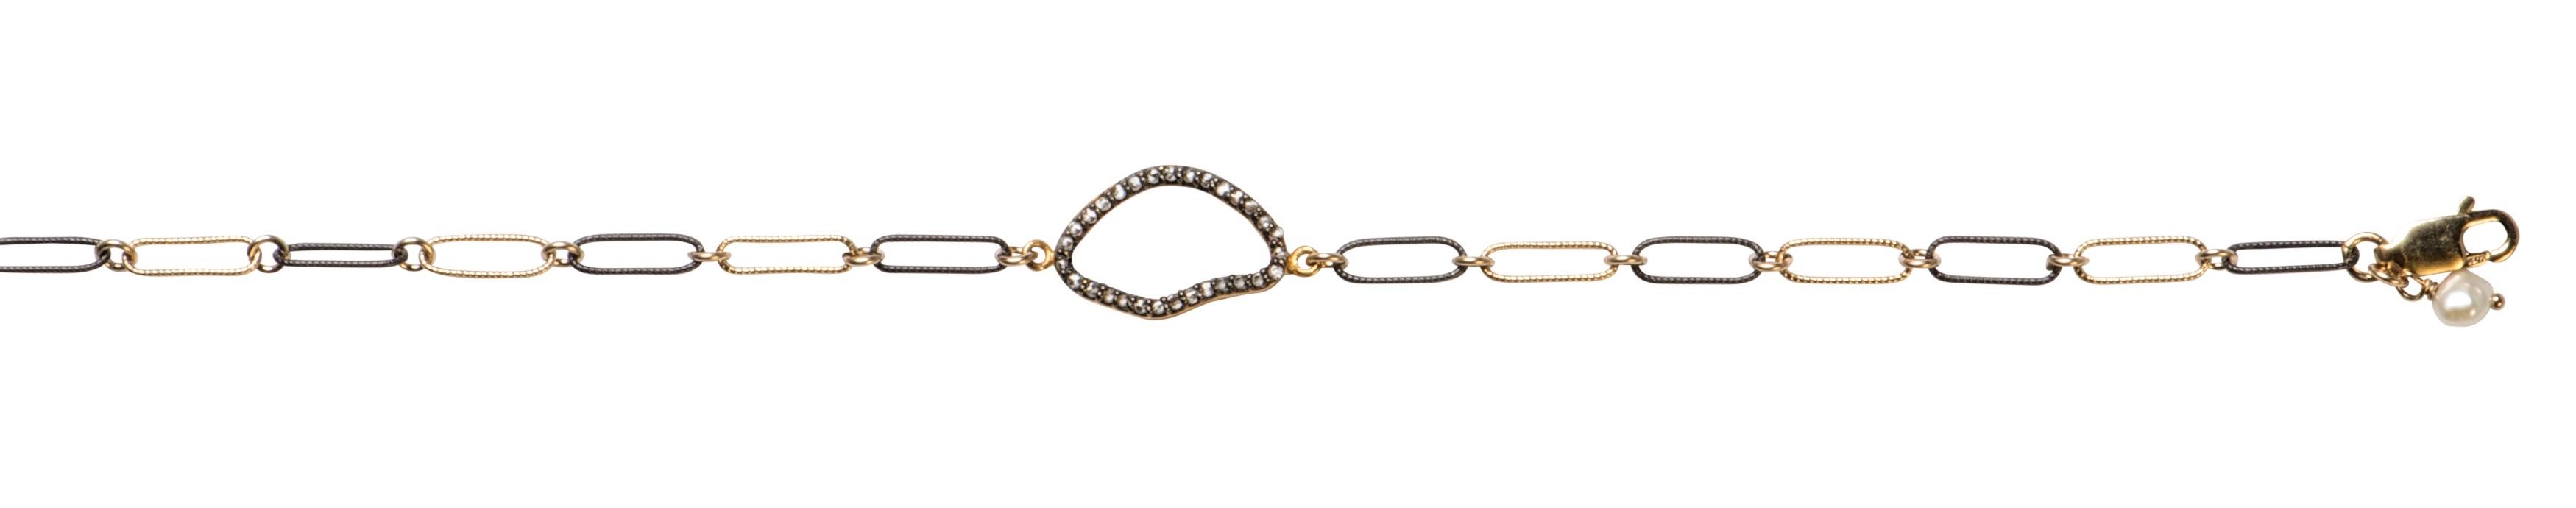 Tracy Arrington champagne diamond bracelet   JCK On Your Market